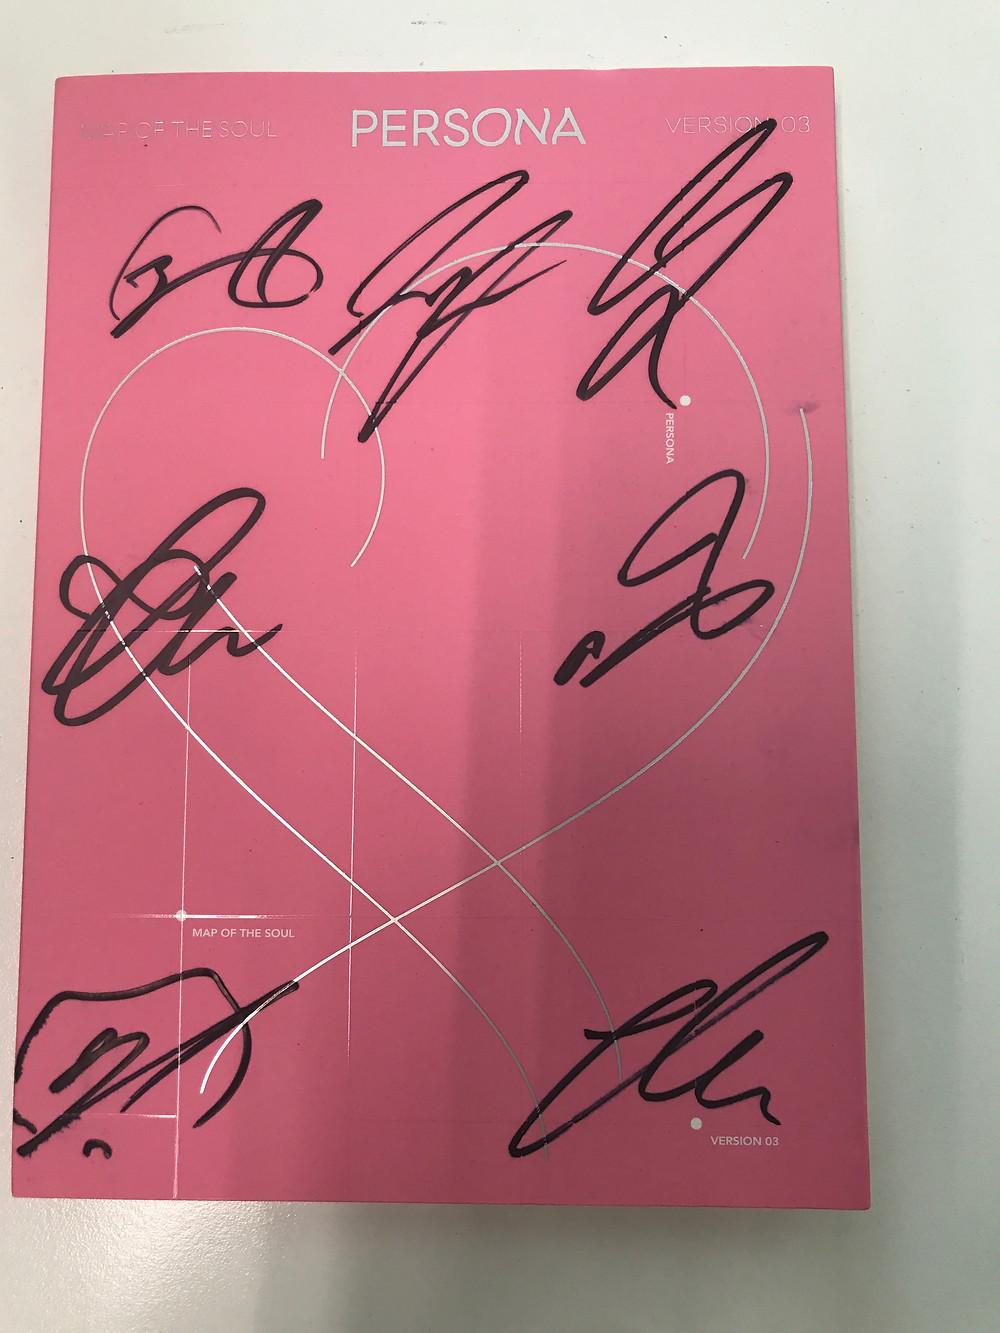 Signed bts persona album in korea